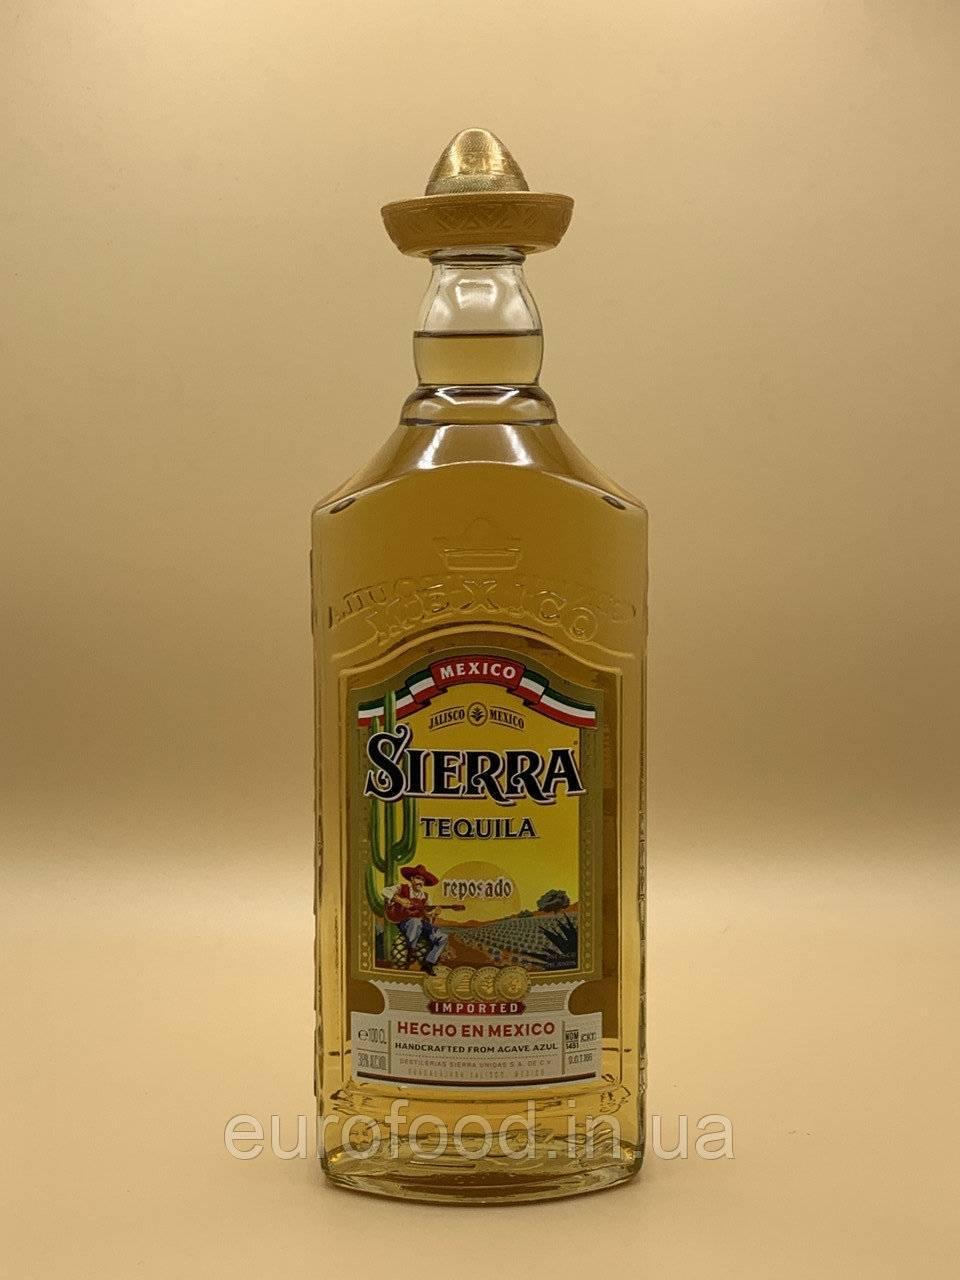 Текила sierra: сорта сиерра, как и с чем правильно пить вино сиерра сильвер